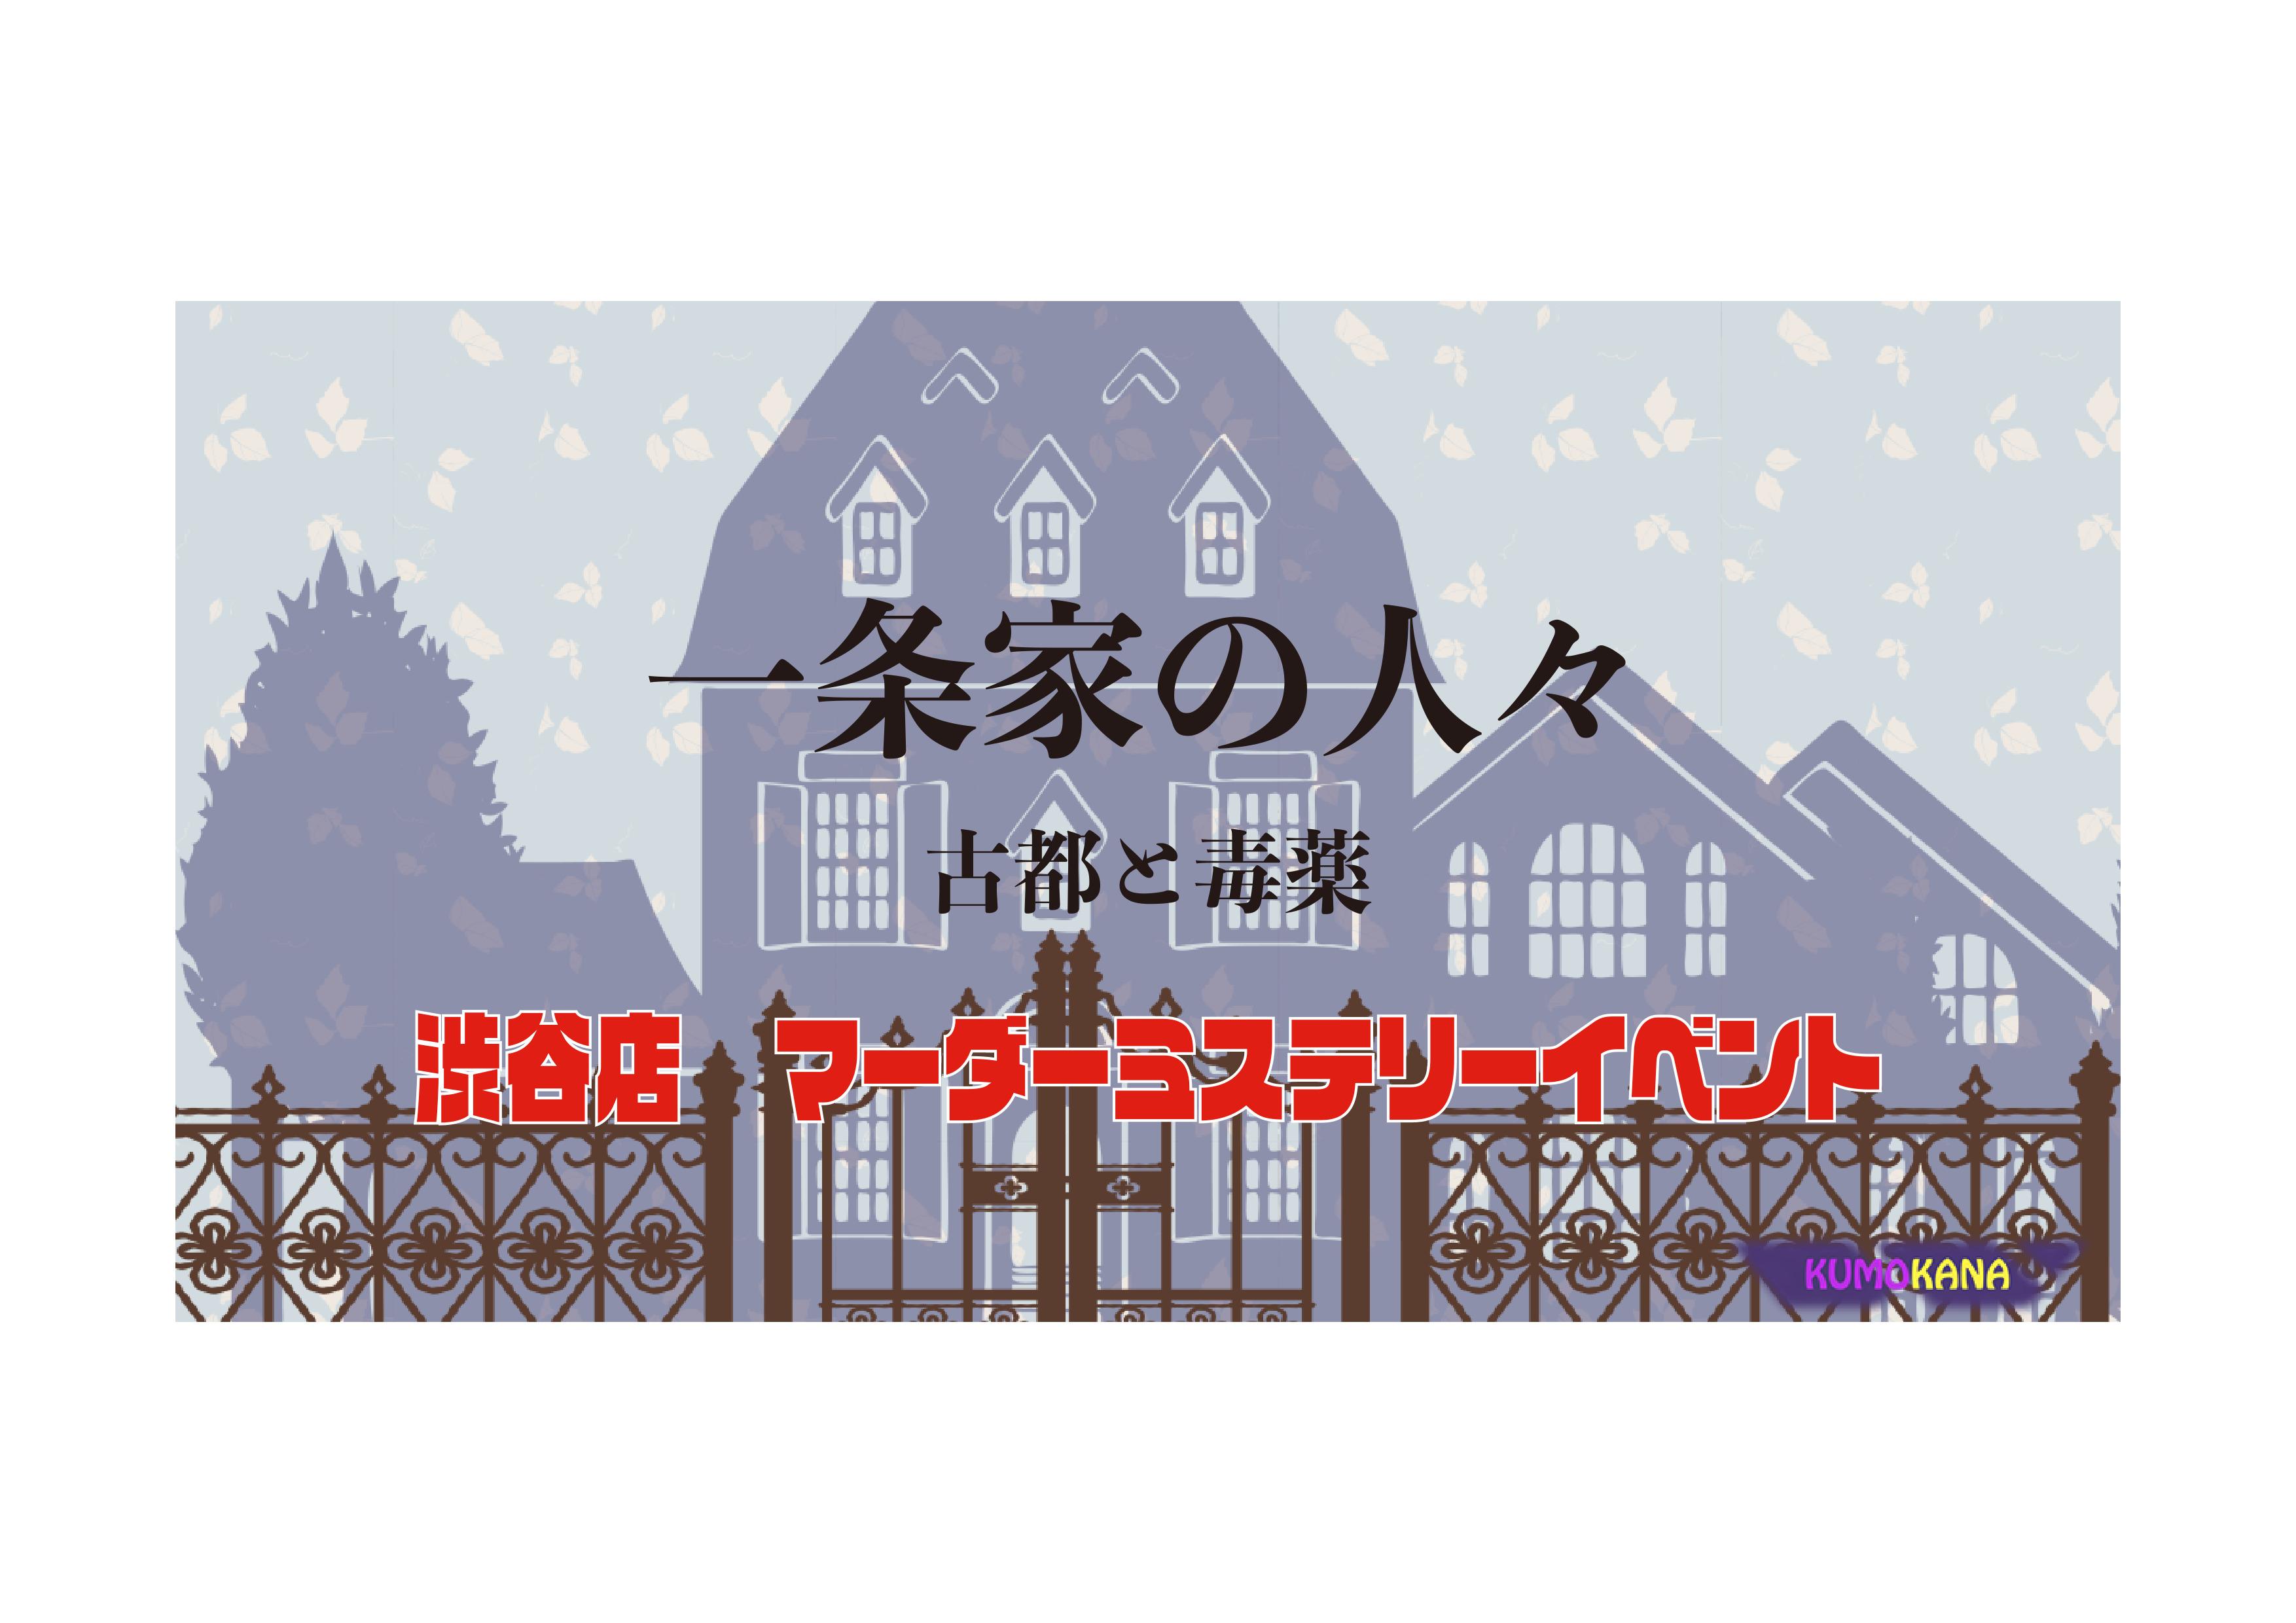 【渋谷】マーダーミステリー「一条家の人々」【2月12日(水)】